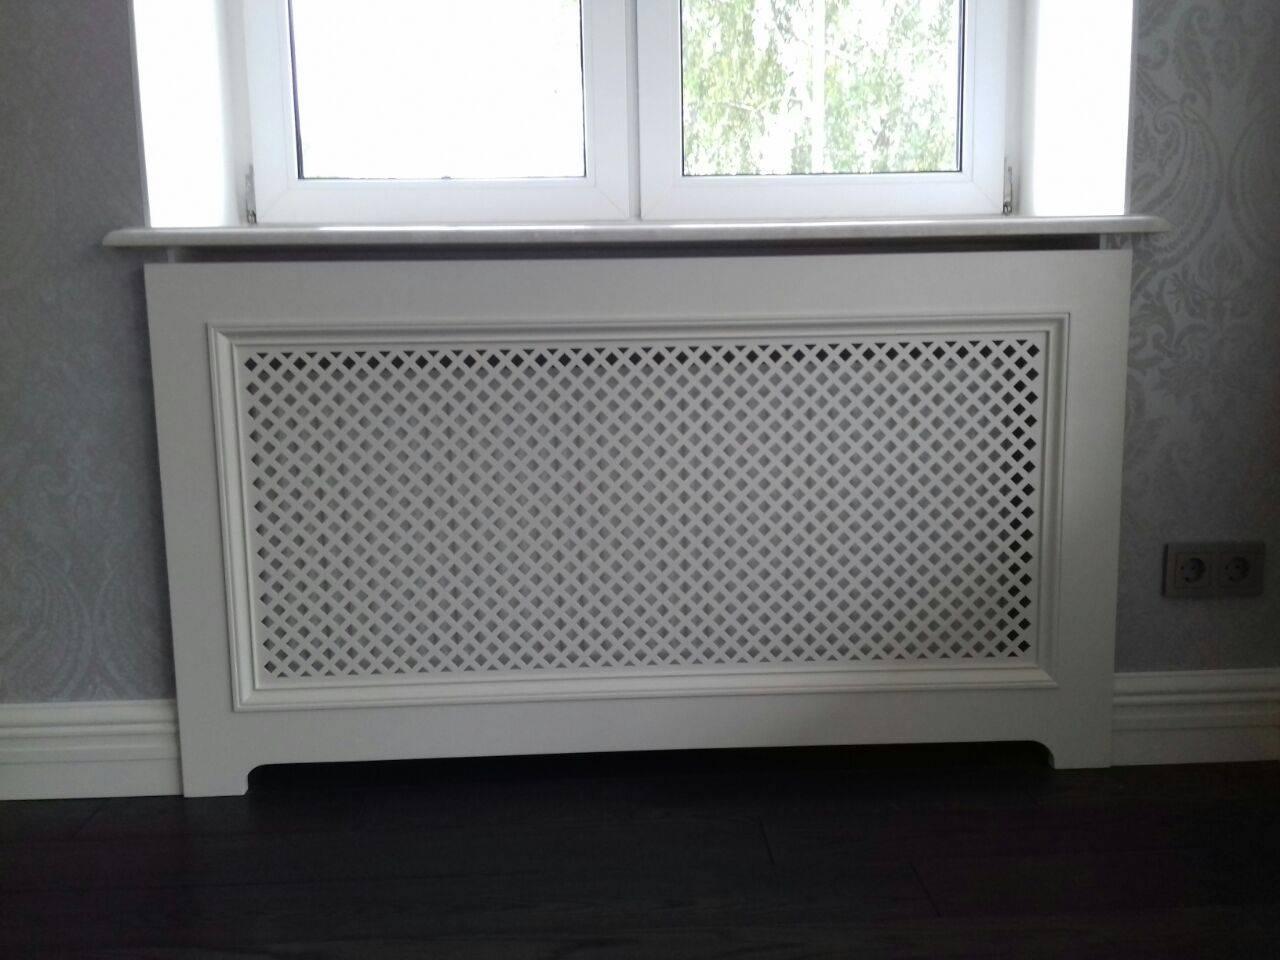 Решетки (экраны) на радиаторы отопления: как выбрать и установить